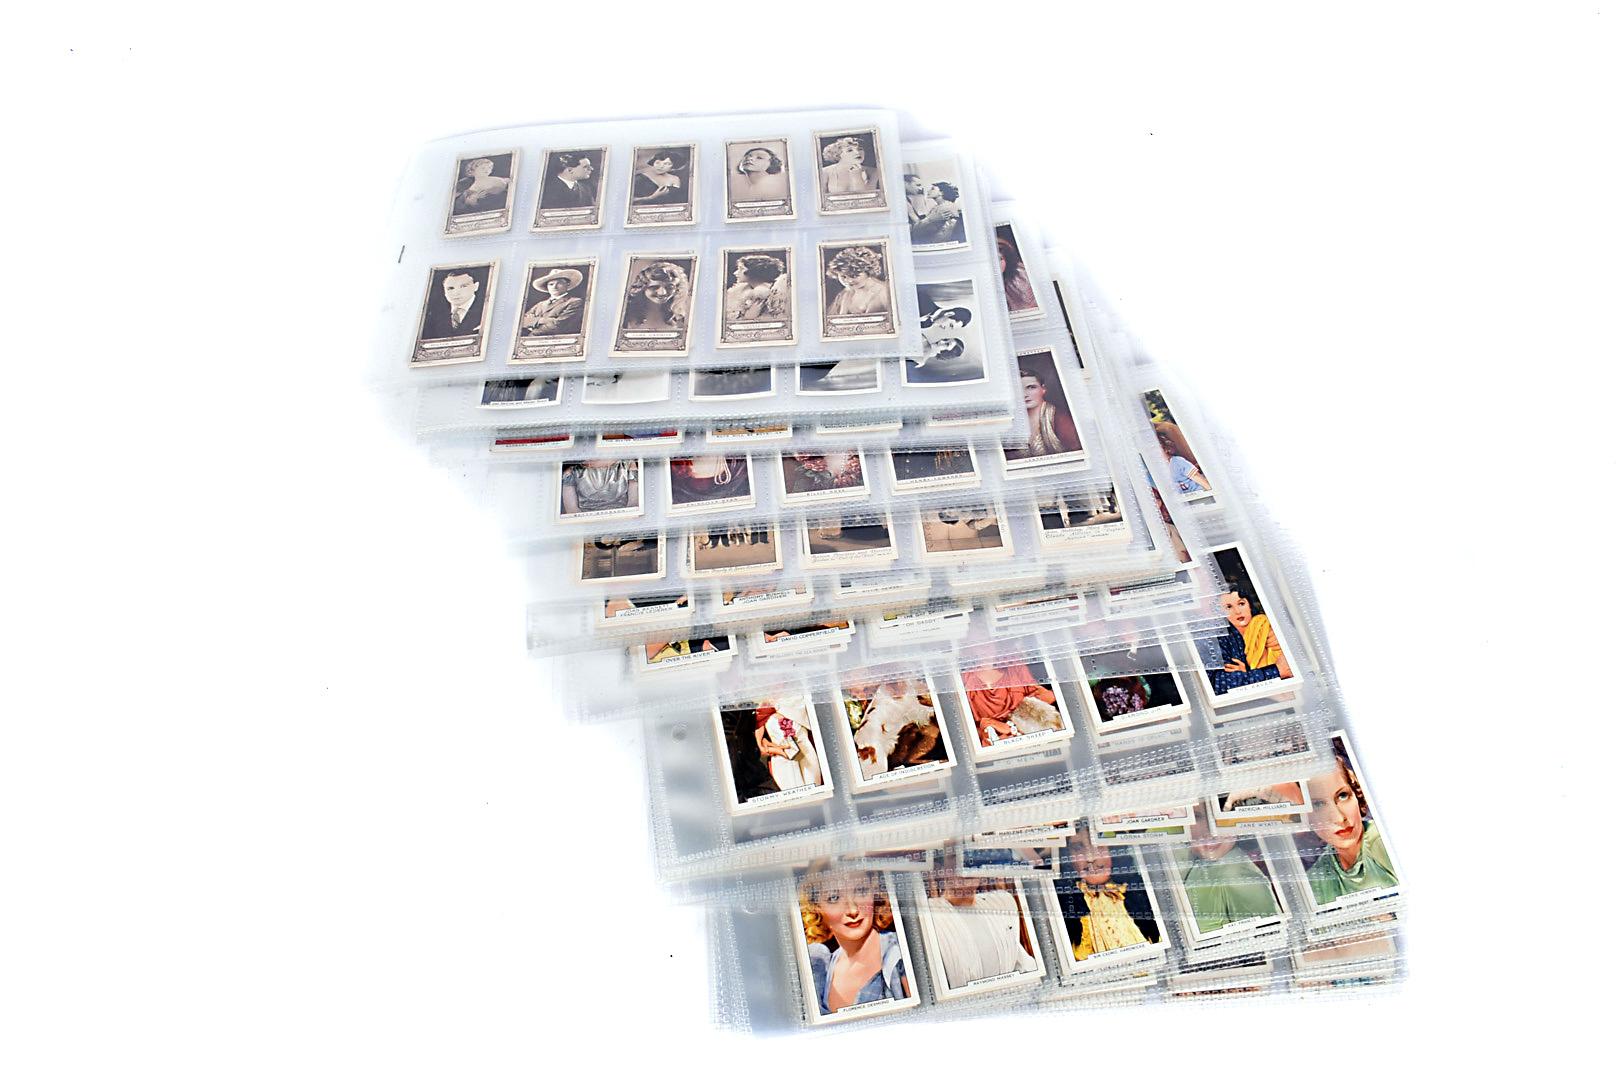 Film Star Themed Cigarette Cards, various sets comprising, Edwards Ringer & Bigg Cinema Stars,